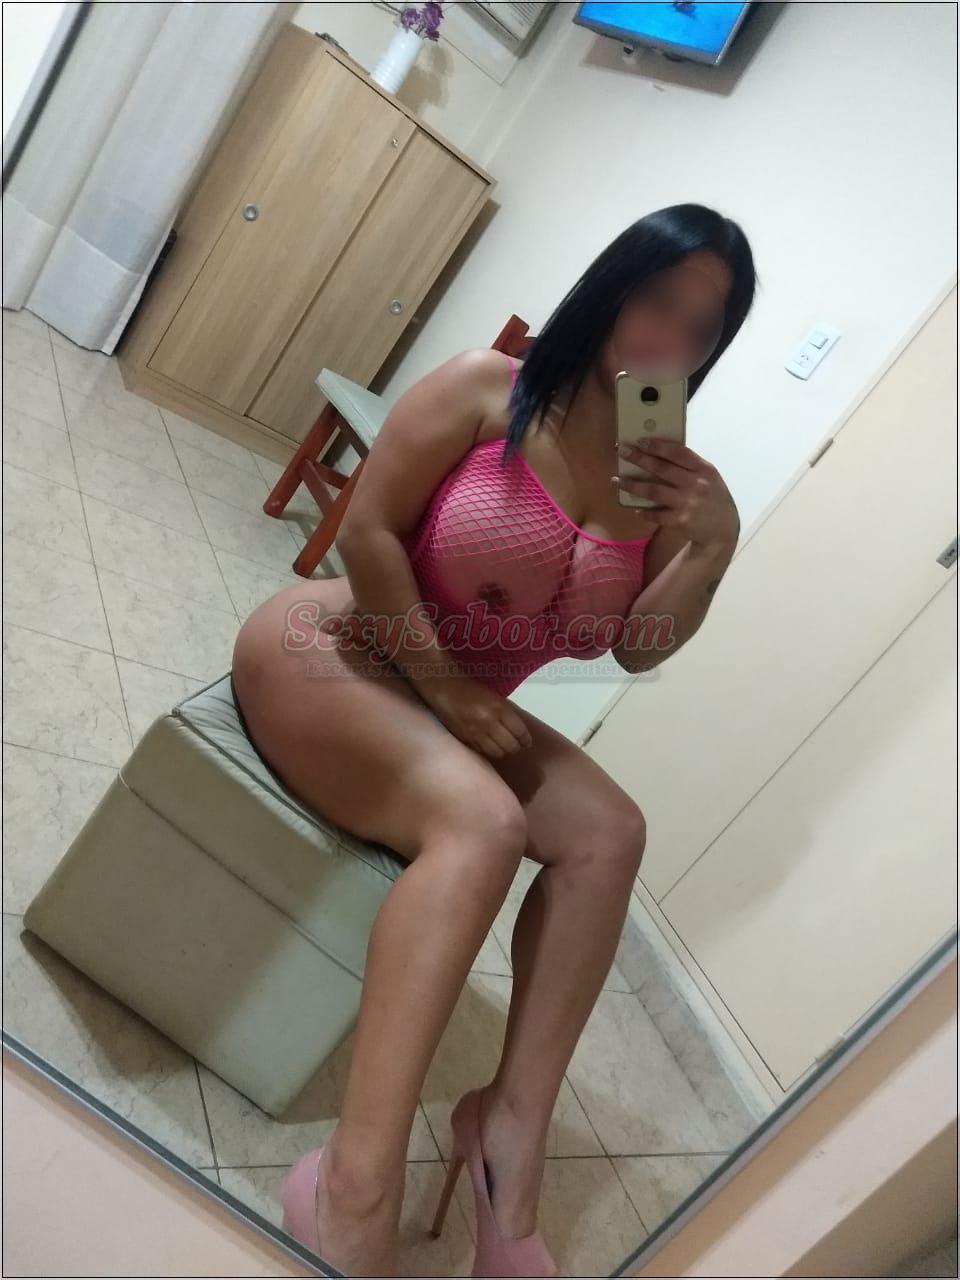 Flor 15-6281-0941